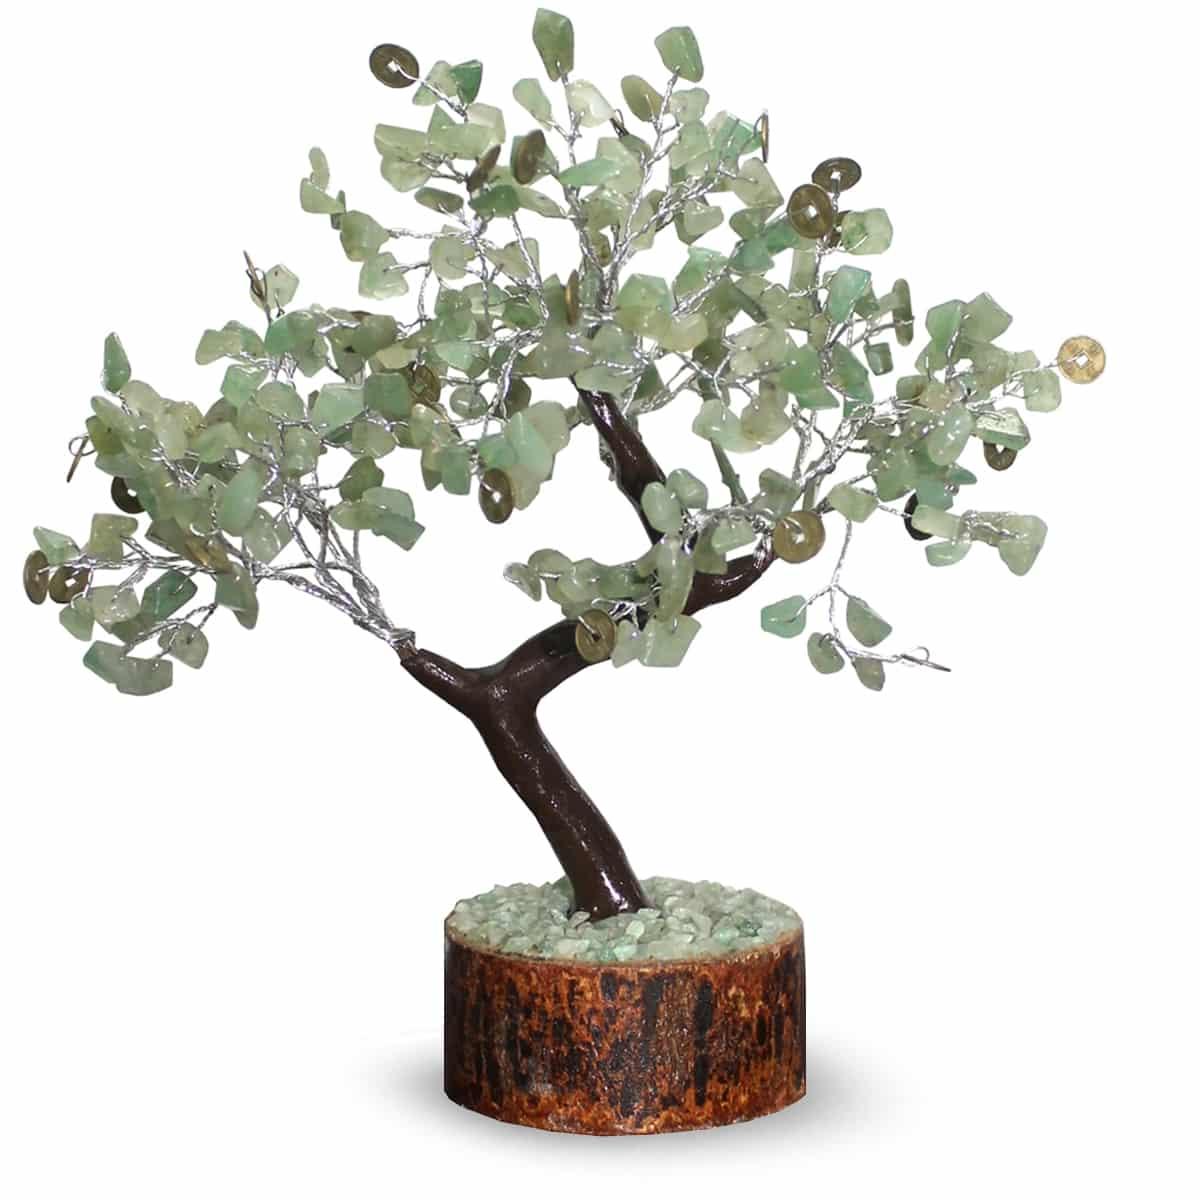 Edelsteen boompjes doen het prima in de slaapkamer voor een goede nachtrust of in een meditatie ruimte voor ...